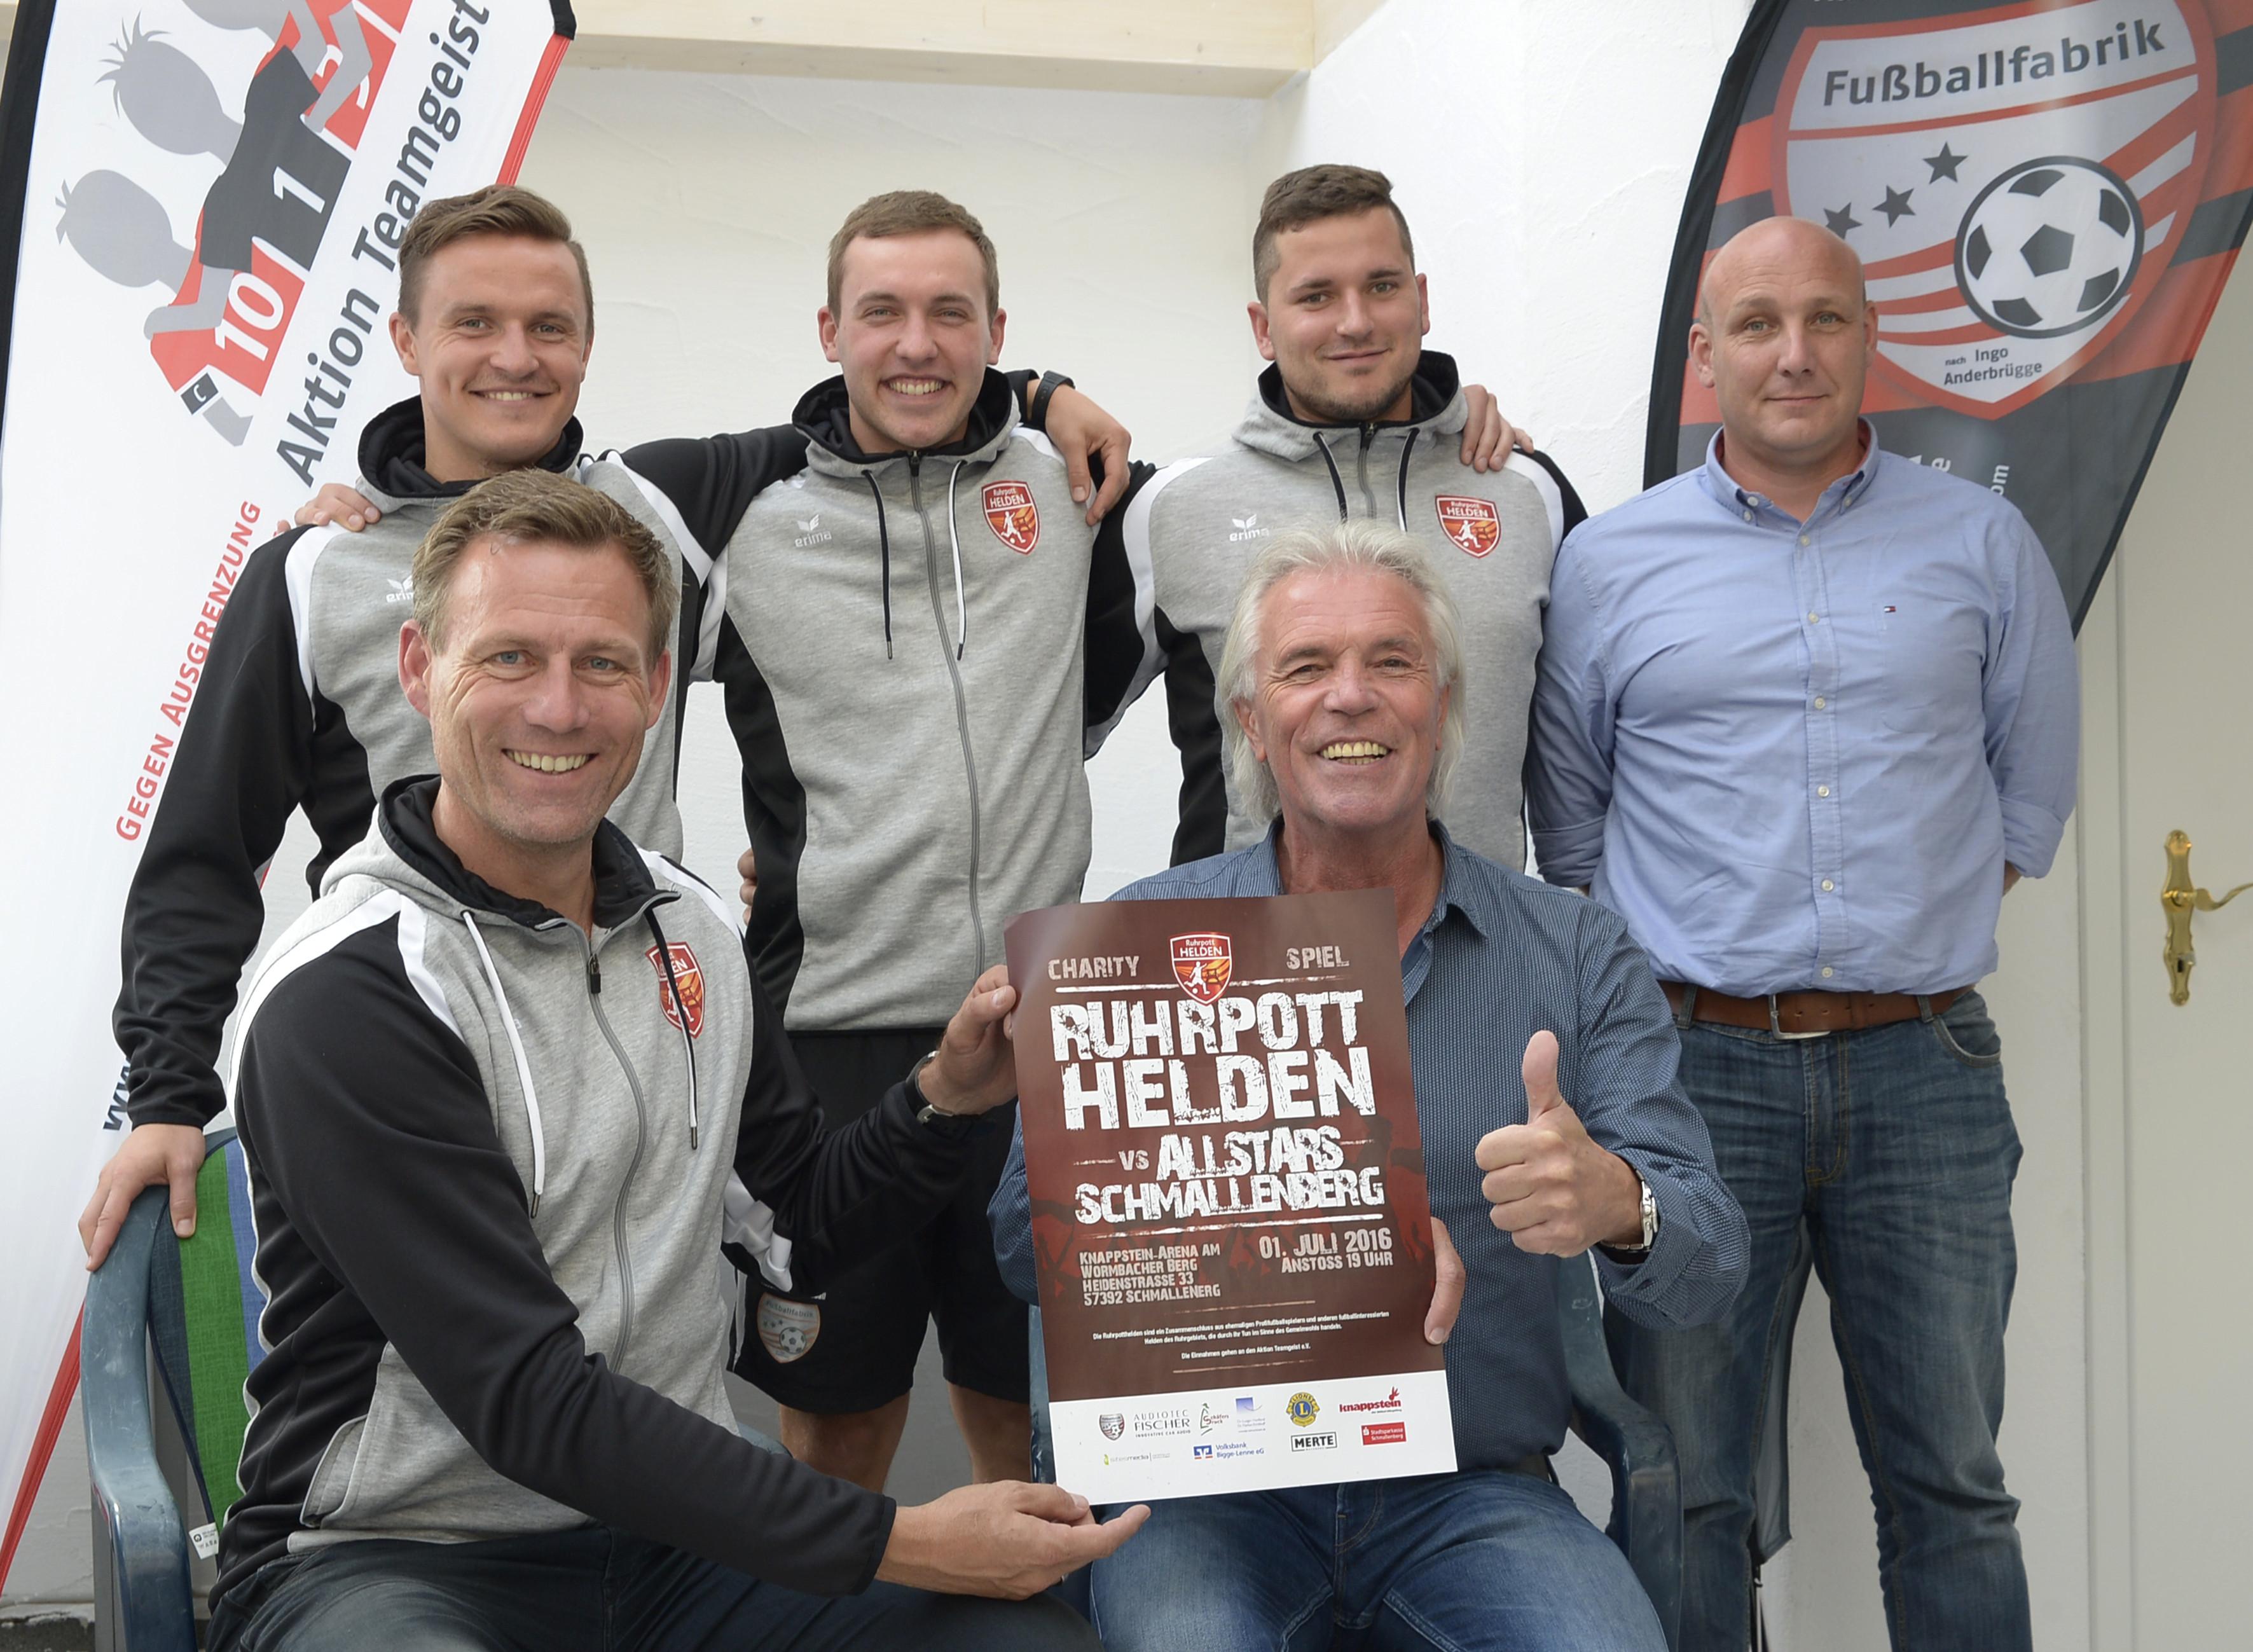 Benefizfussballspiel,  am 01.Juli 2016 um 19 Uhr in der Knappstein-Arena am Wormbacher Berg